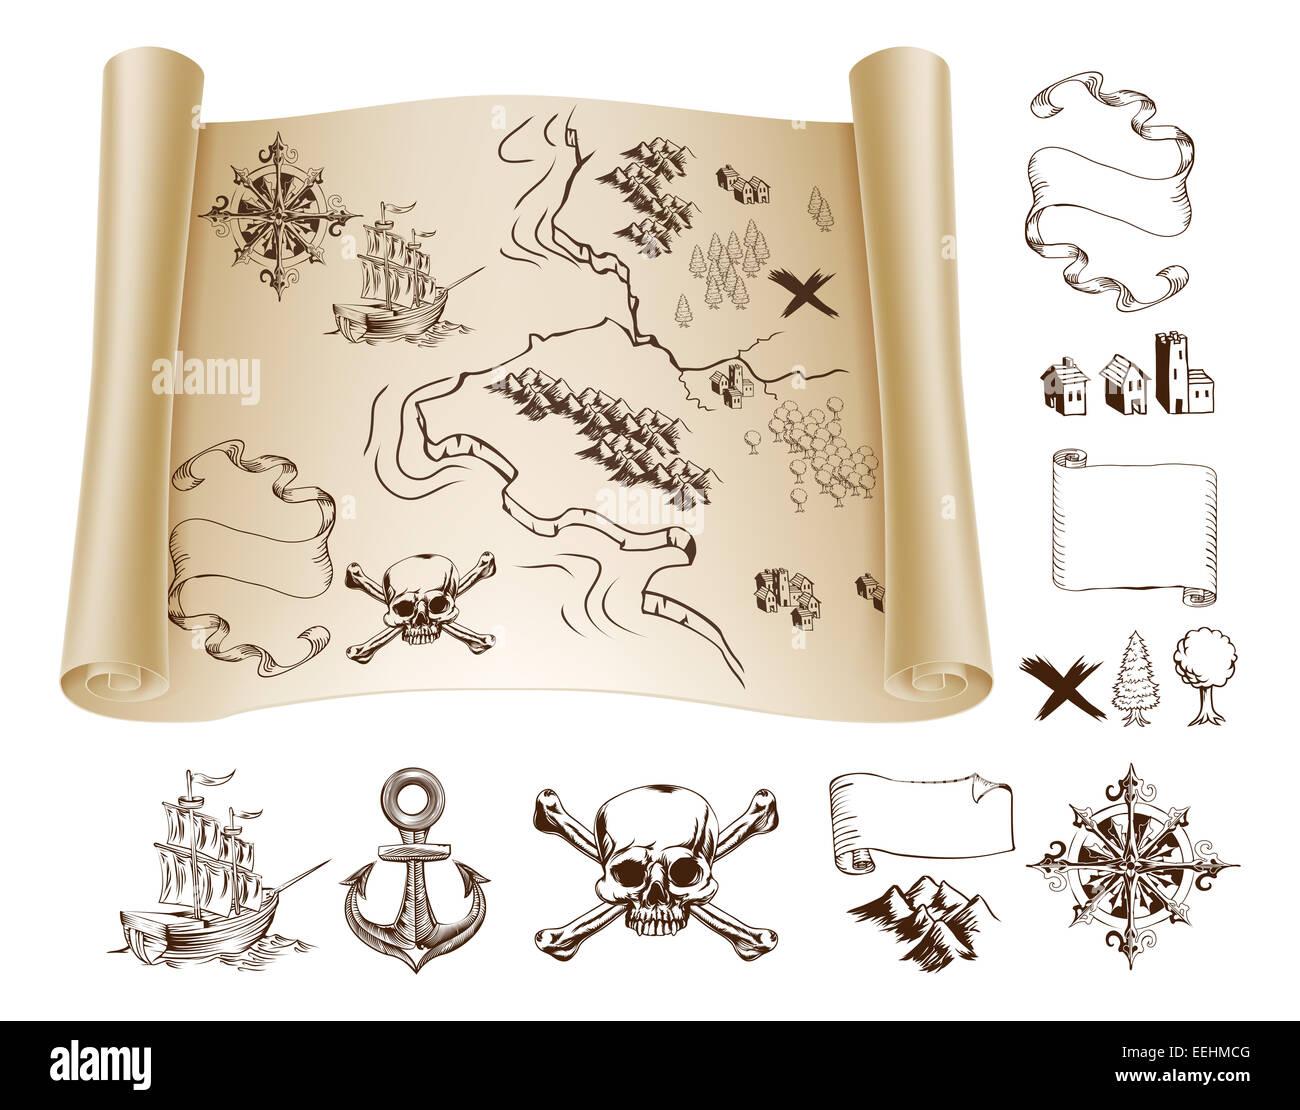 Beispiel-Karte und Design-Elemente, um Ihre eigene Fantasie oder ...